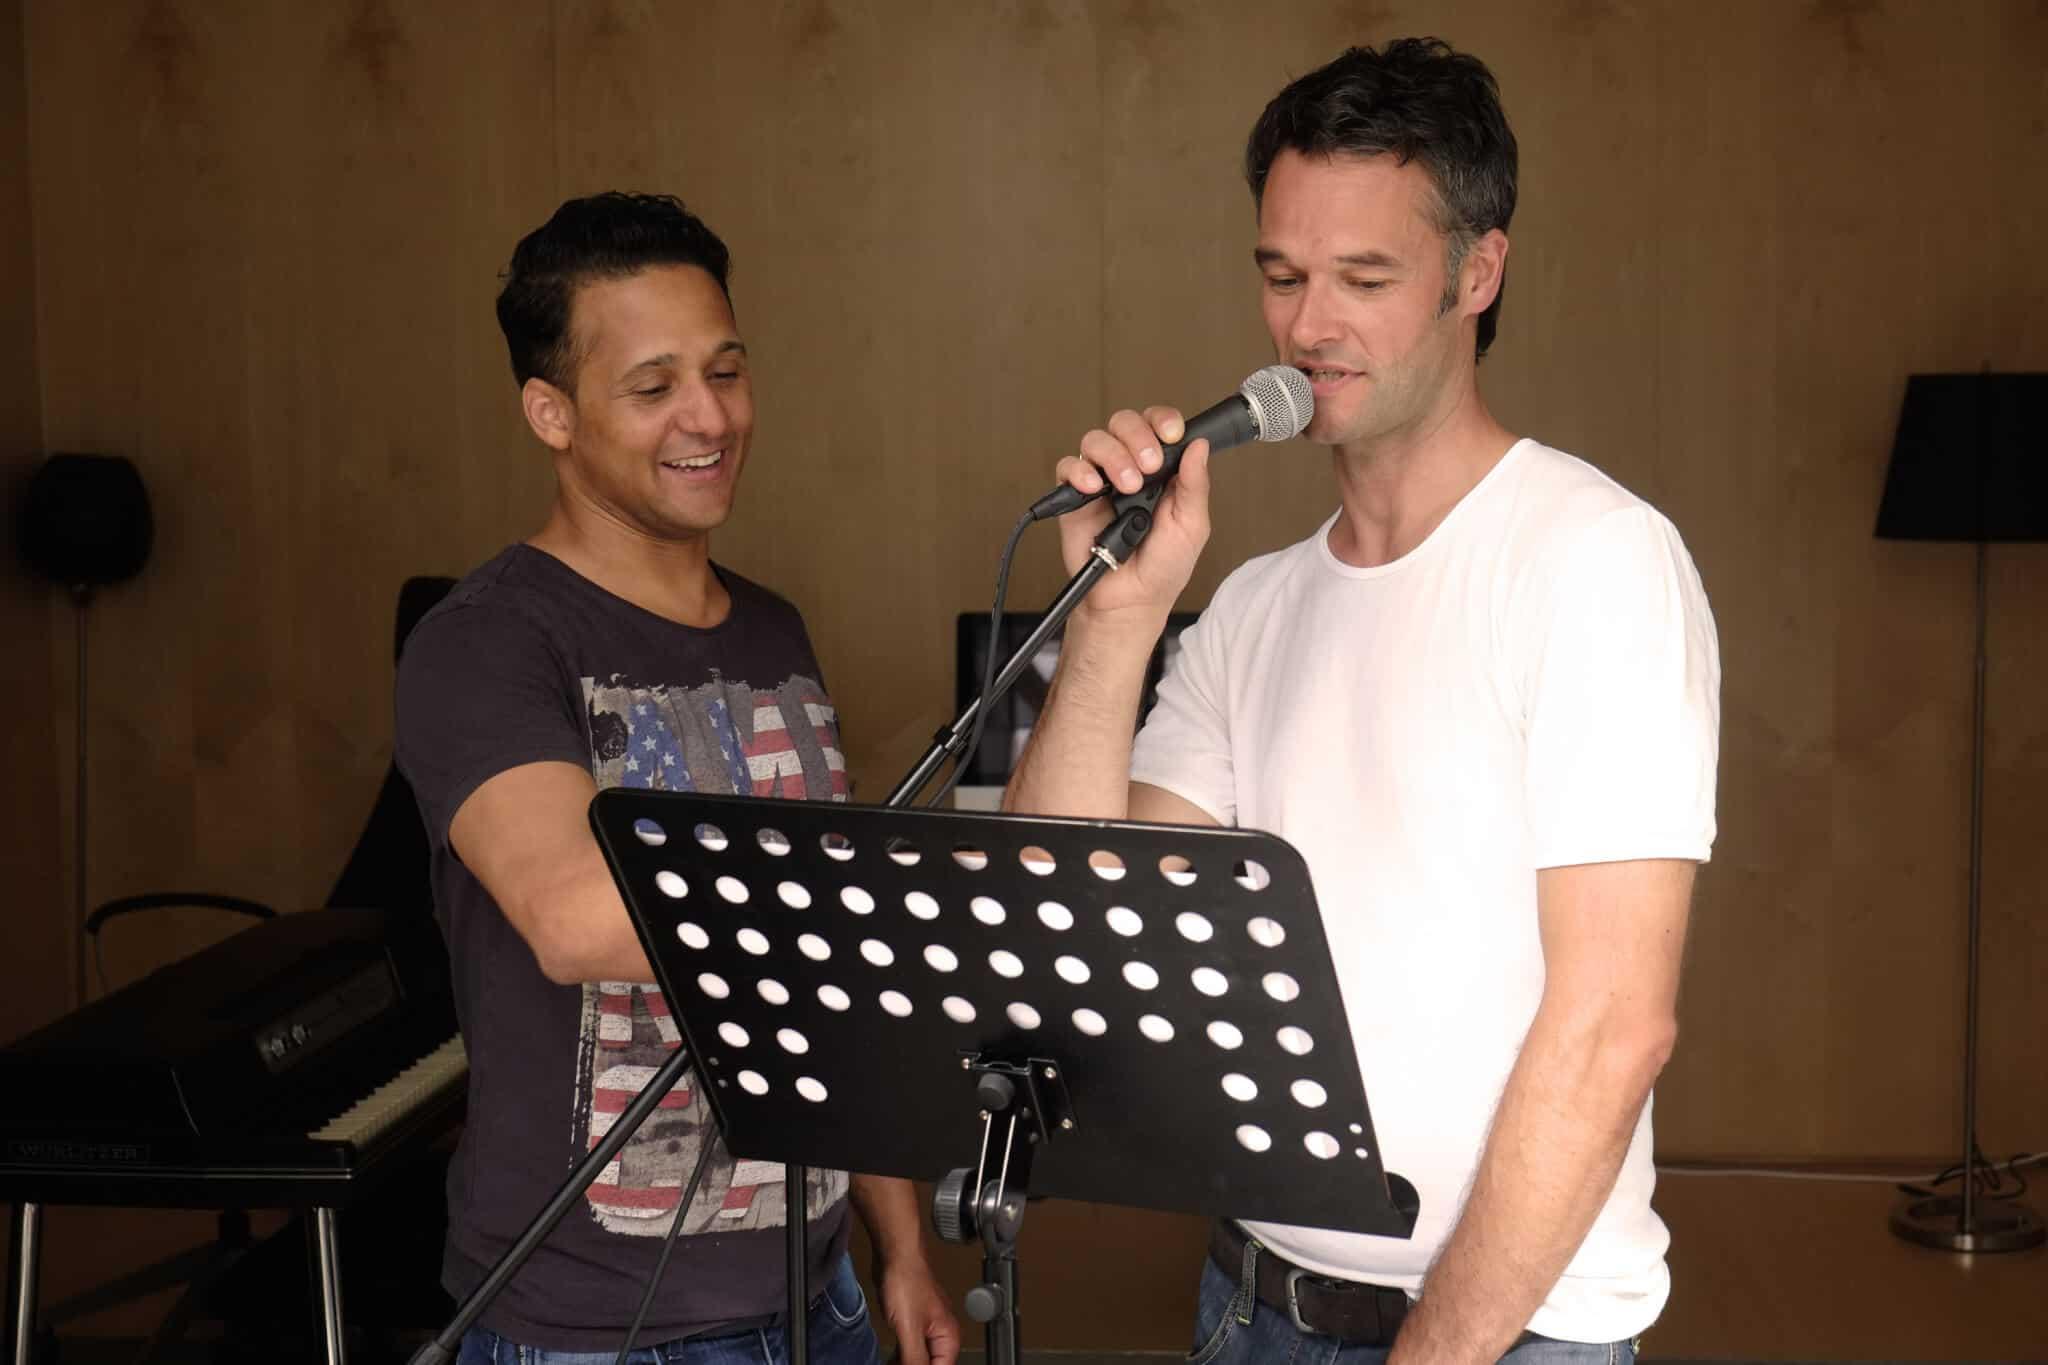 Gesangsschüler 10 - CK Voice Lessons - Gesangsunterricht und Vocalcoaching in Hannover